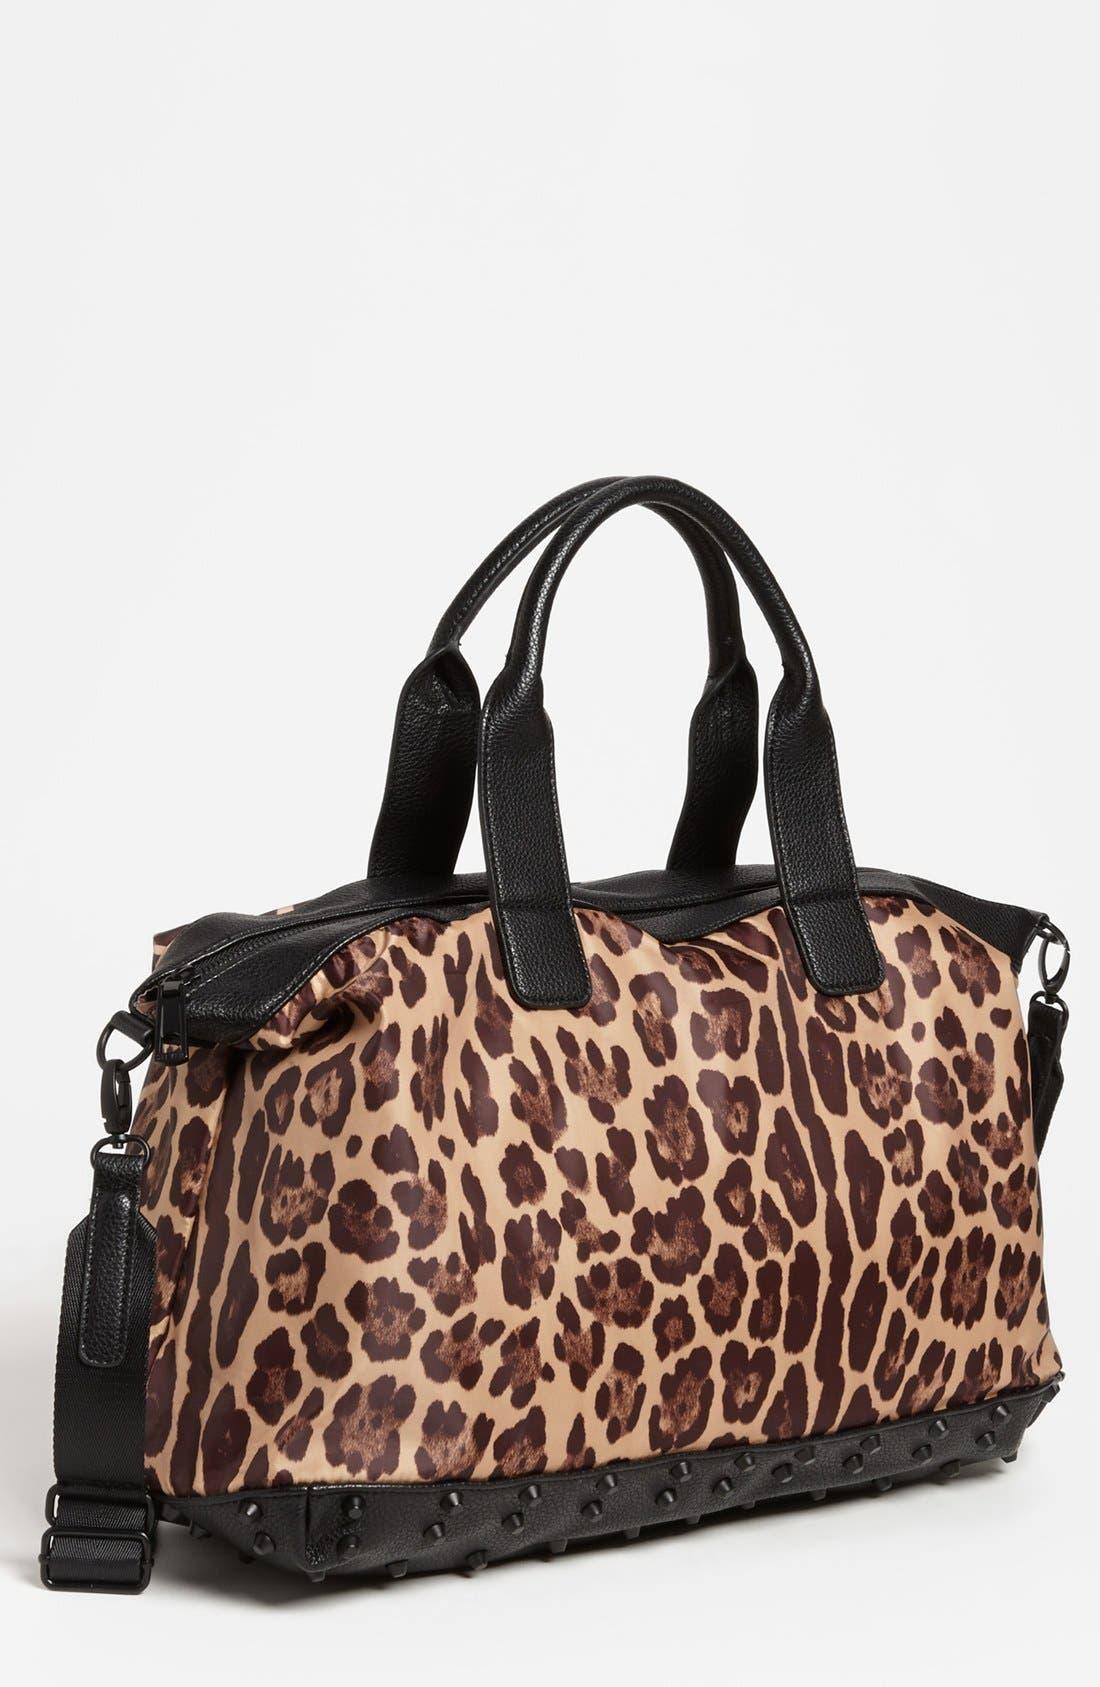 Alternate Image 1 Selected - Steven by Steve Madden Leopard Print Duffel Bag